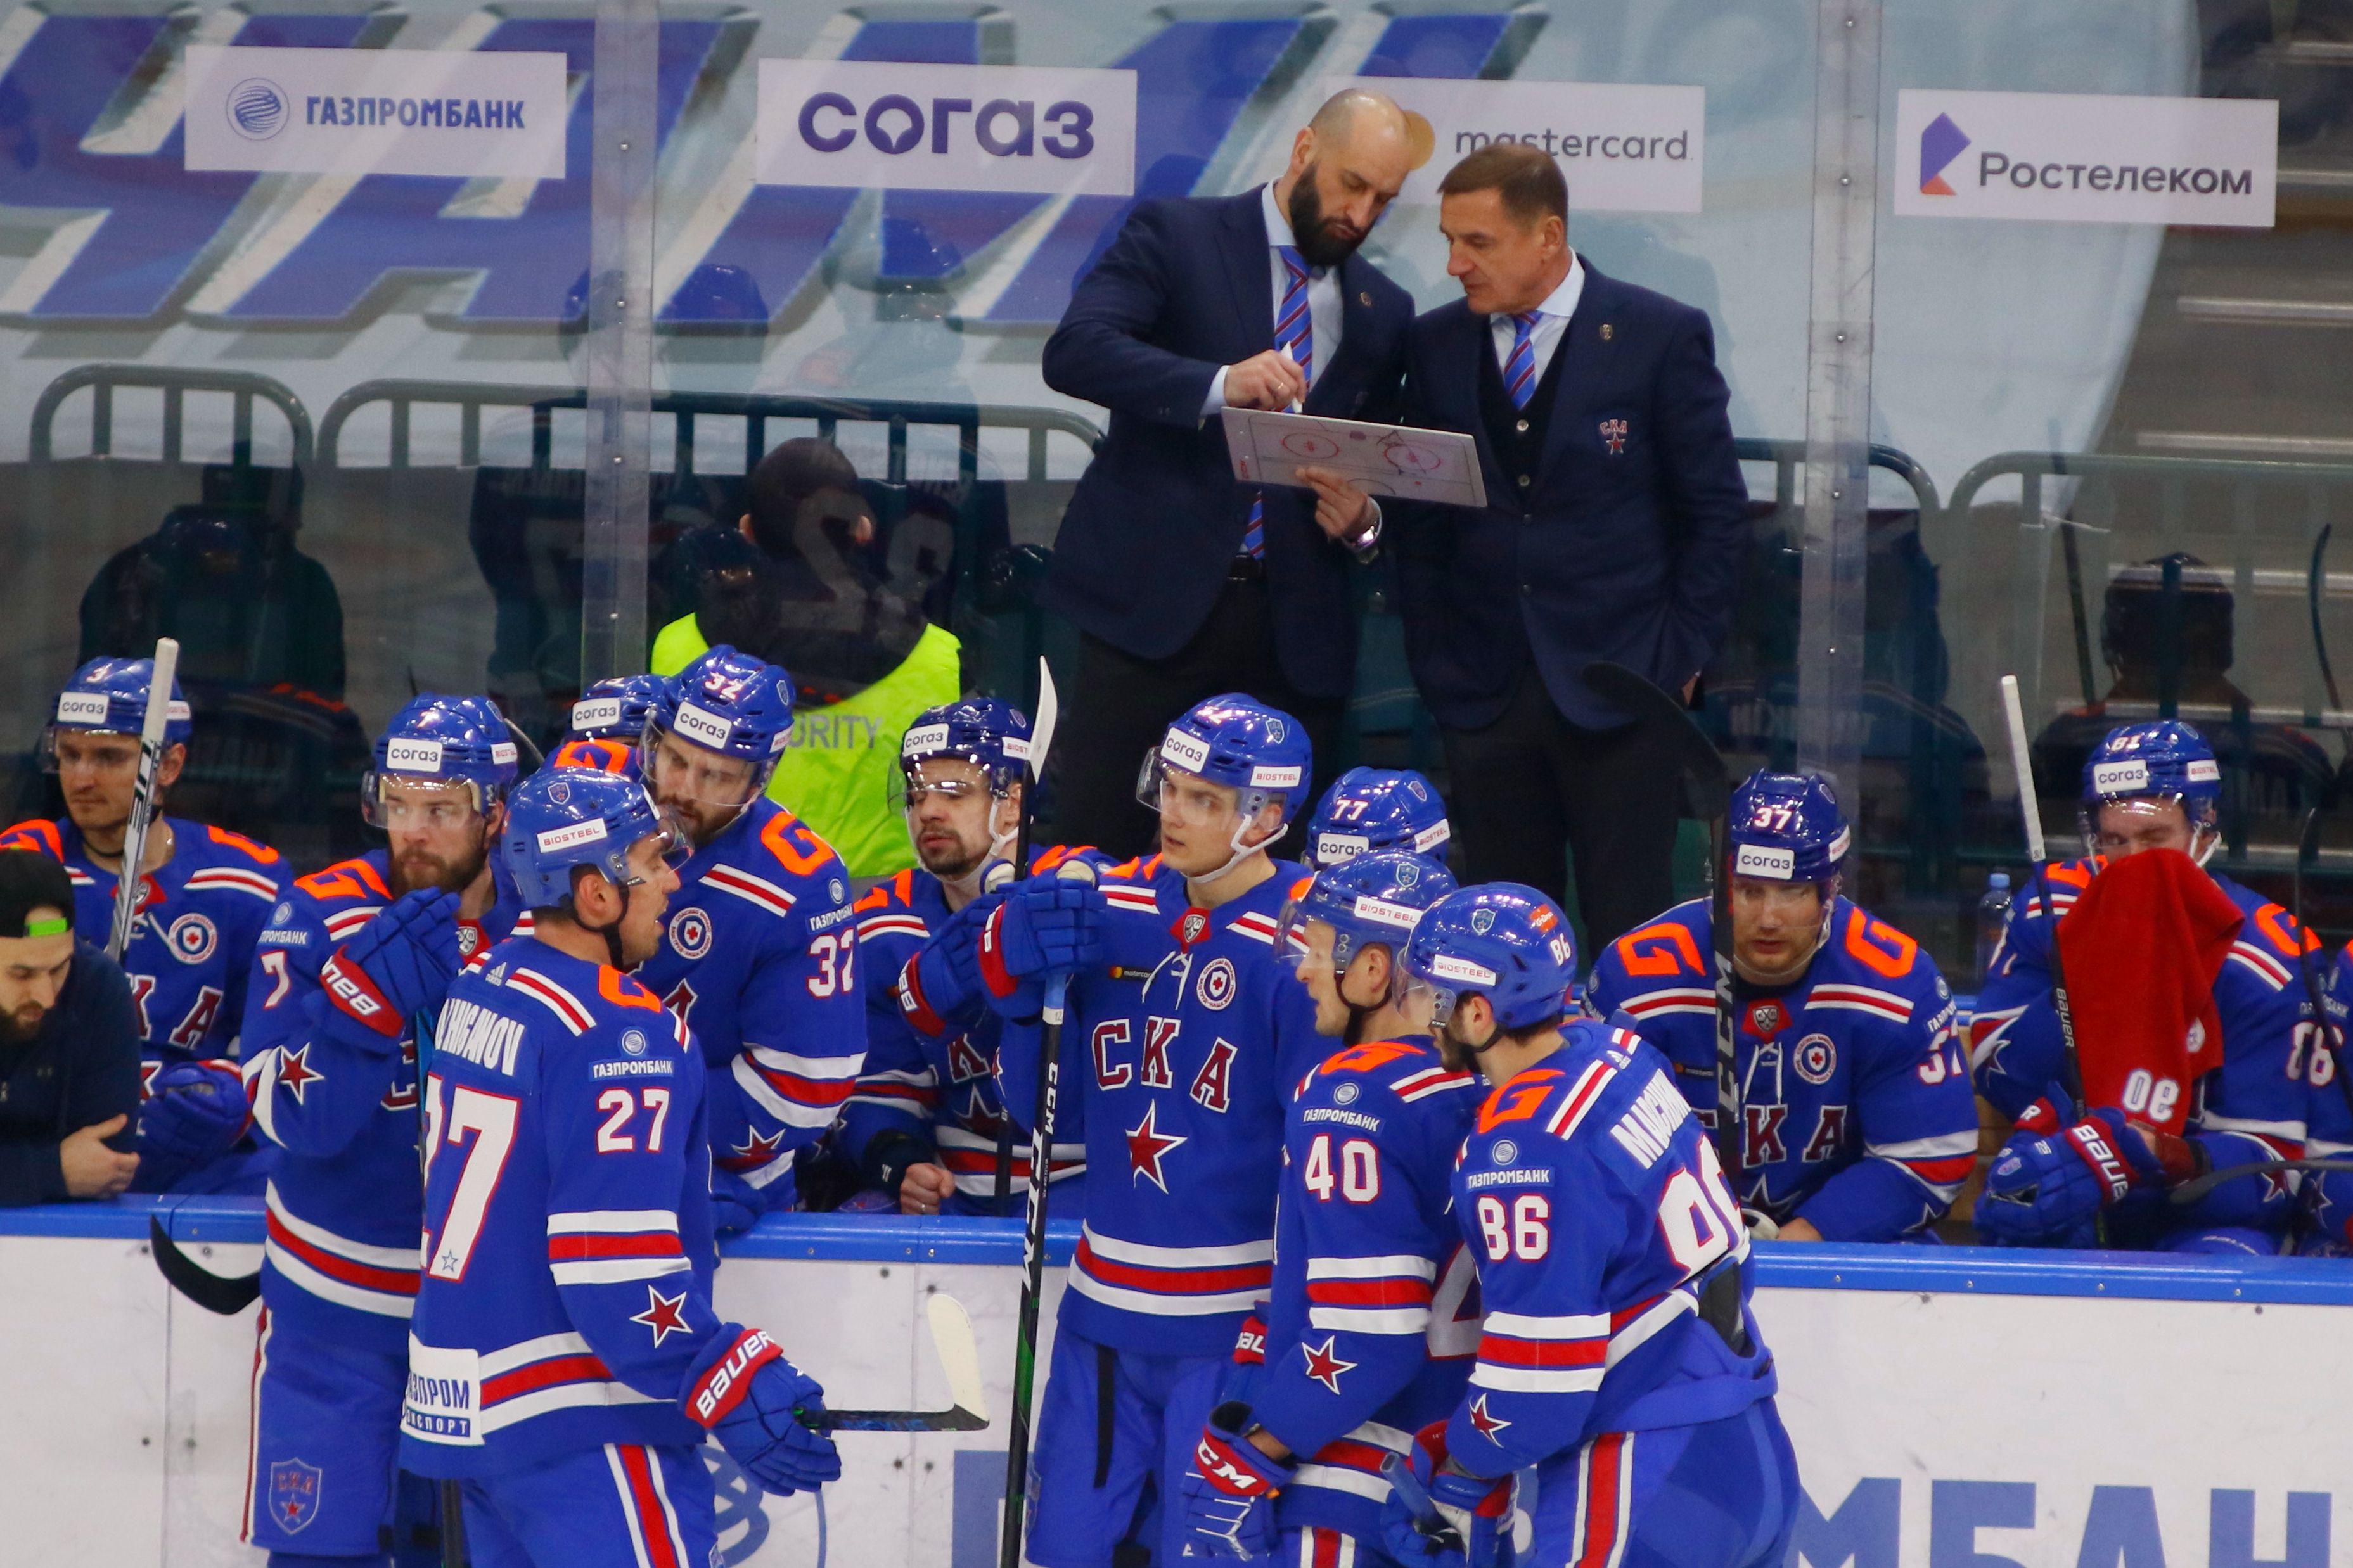 СКА заключил пятилетний контракт с лучшим снайпером МХЛ Мичковым